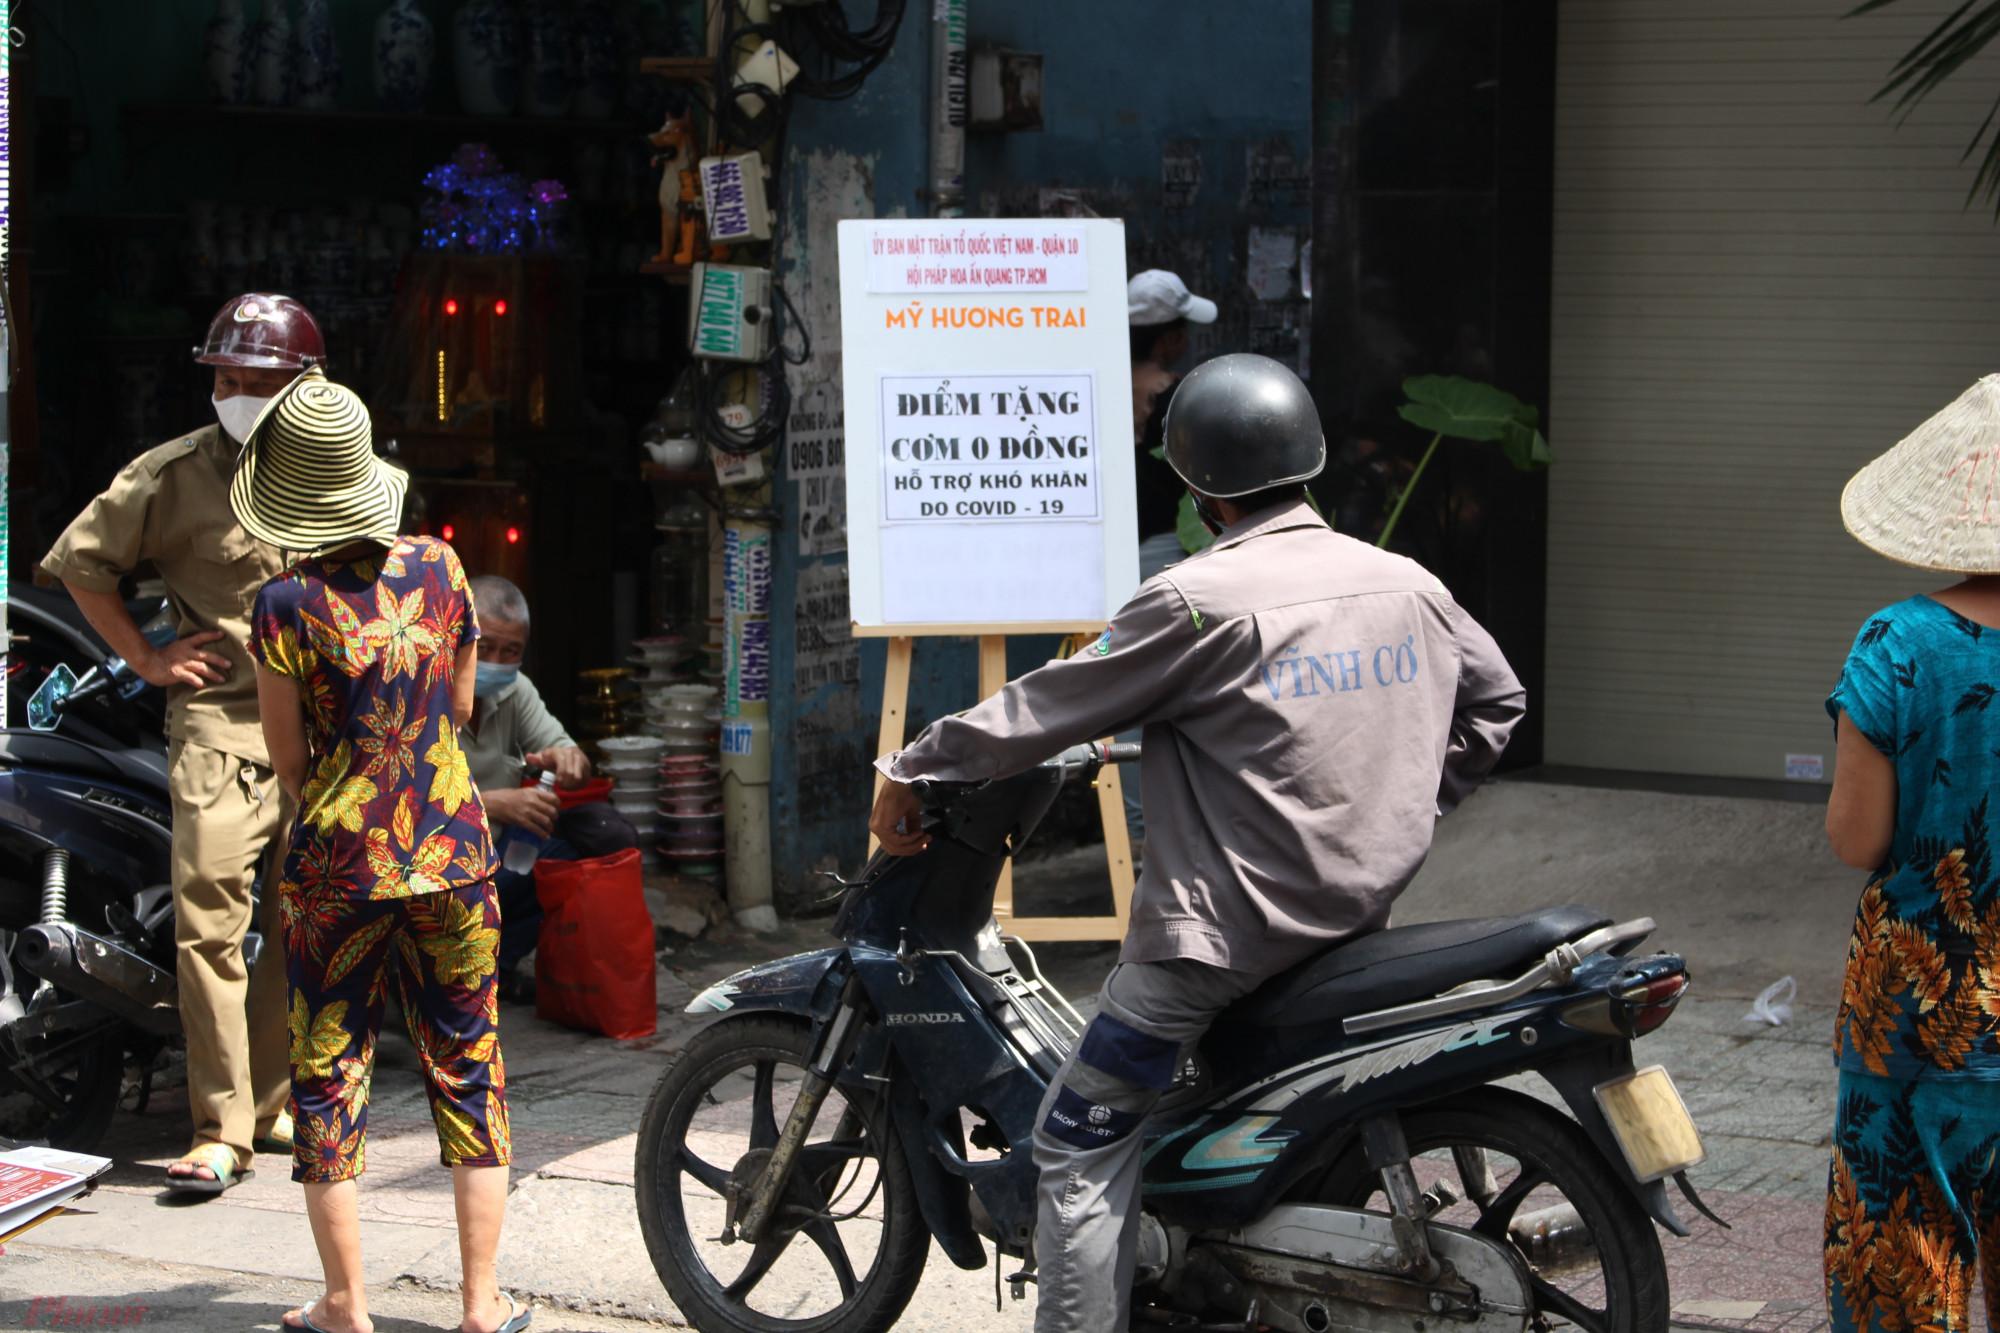 Mỗi ngày, tại số 96 Nguyễn Chí Thanh, phường 2, quận 10, TP.HCM, Hội Pháp Hoa Ấn Quang, quán chay Mỹ Hương Trai phối hợp với Ủy ban MTTQ Việt Nam quận 10, UBND phường 2 (quận 10) và các mạnh thường quân cũng phát hơn 300 phần cơm và khẩu trang cho người nghèo.